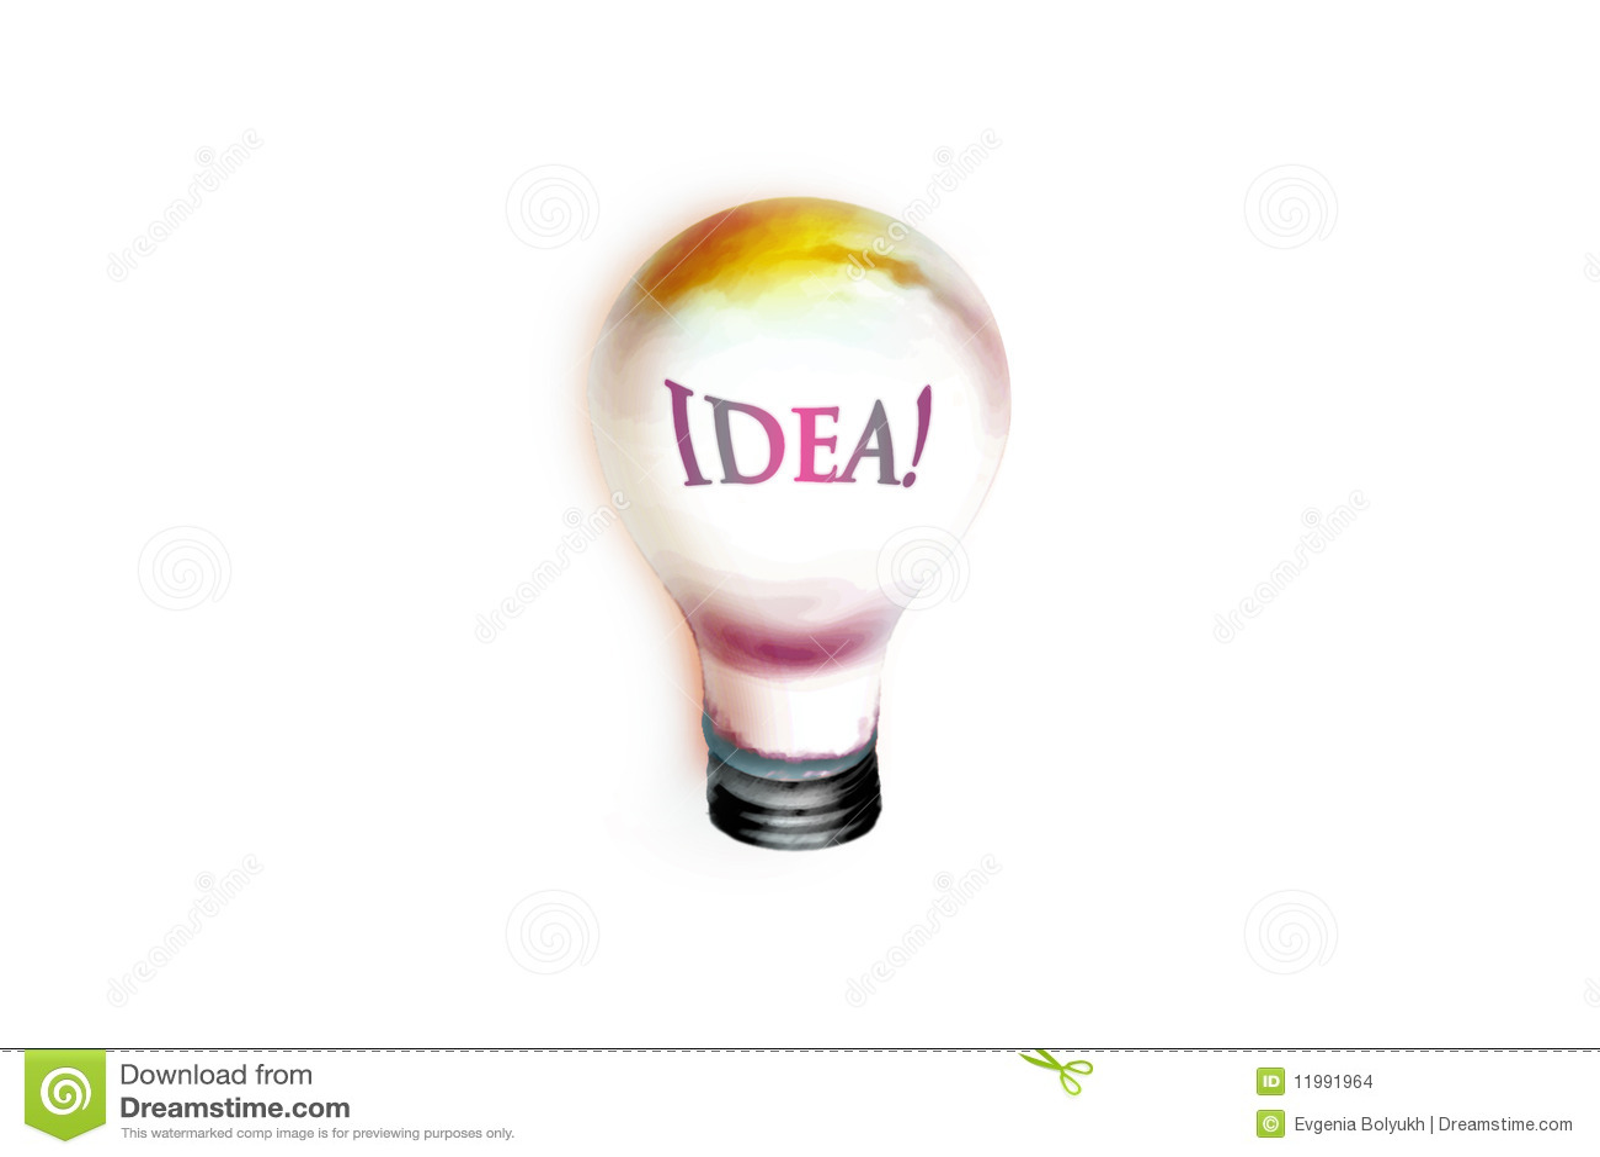 Tekening van grote idee gloeilamp stock illustratie afbeelding 11991964 - Idee van zolderruimte ...